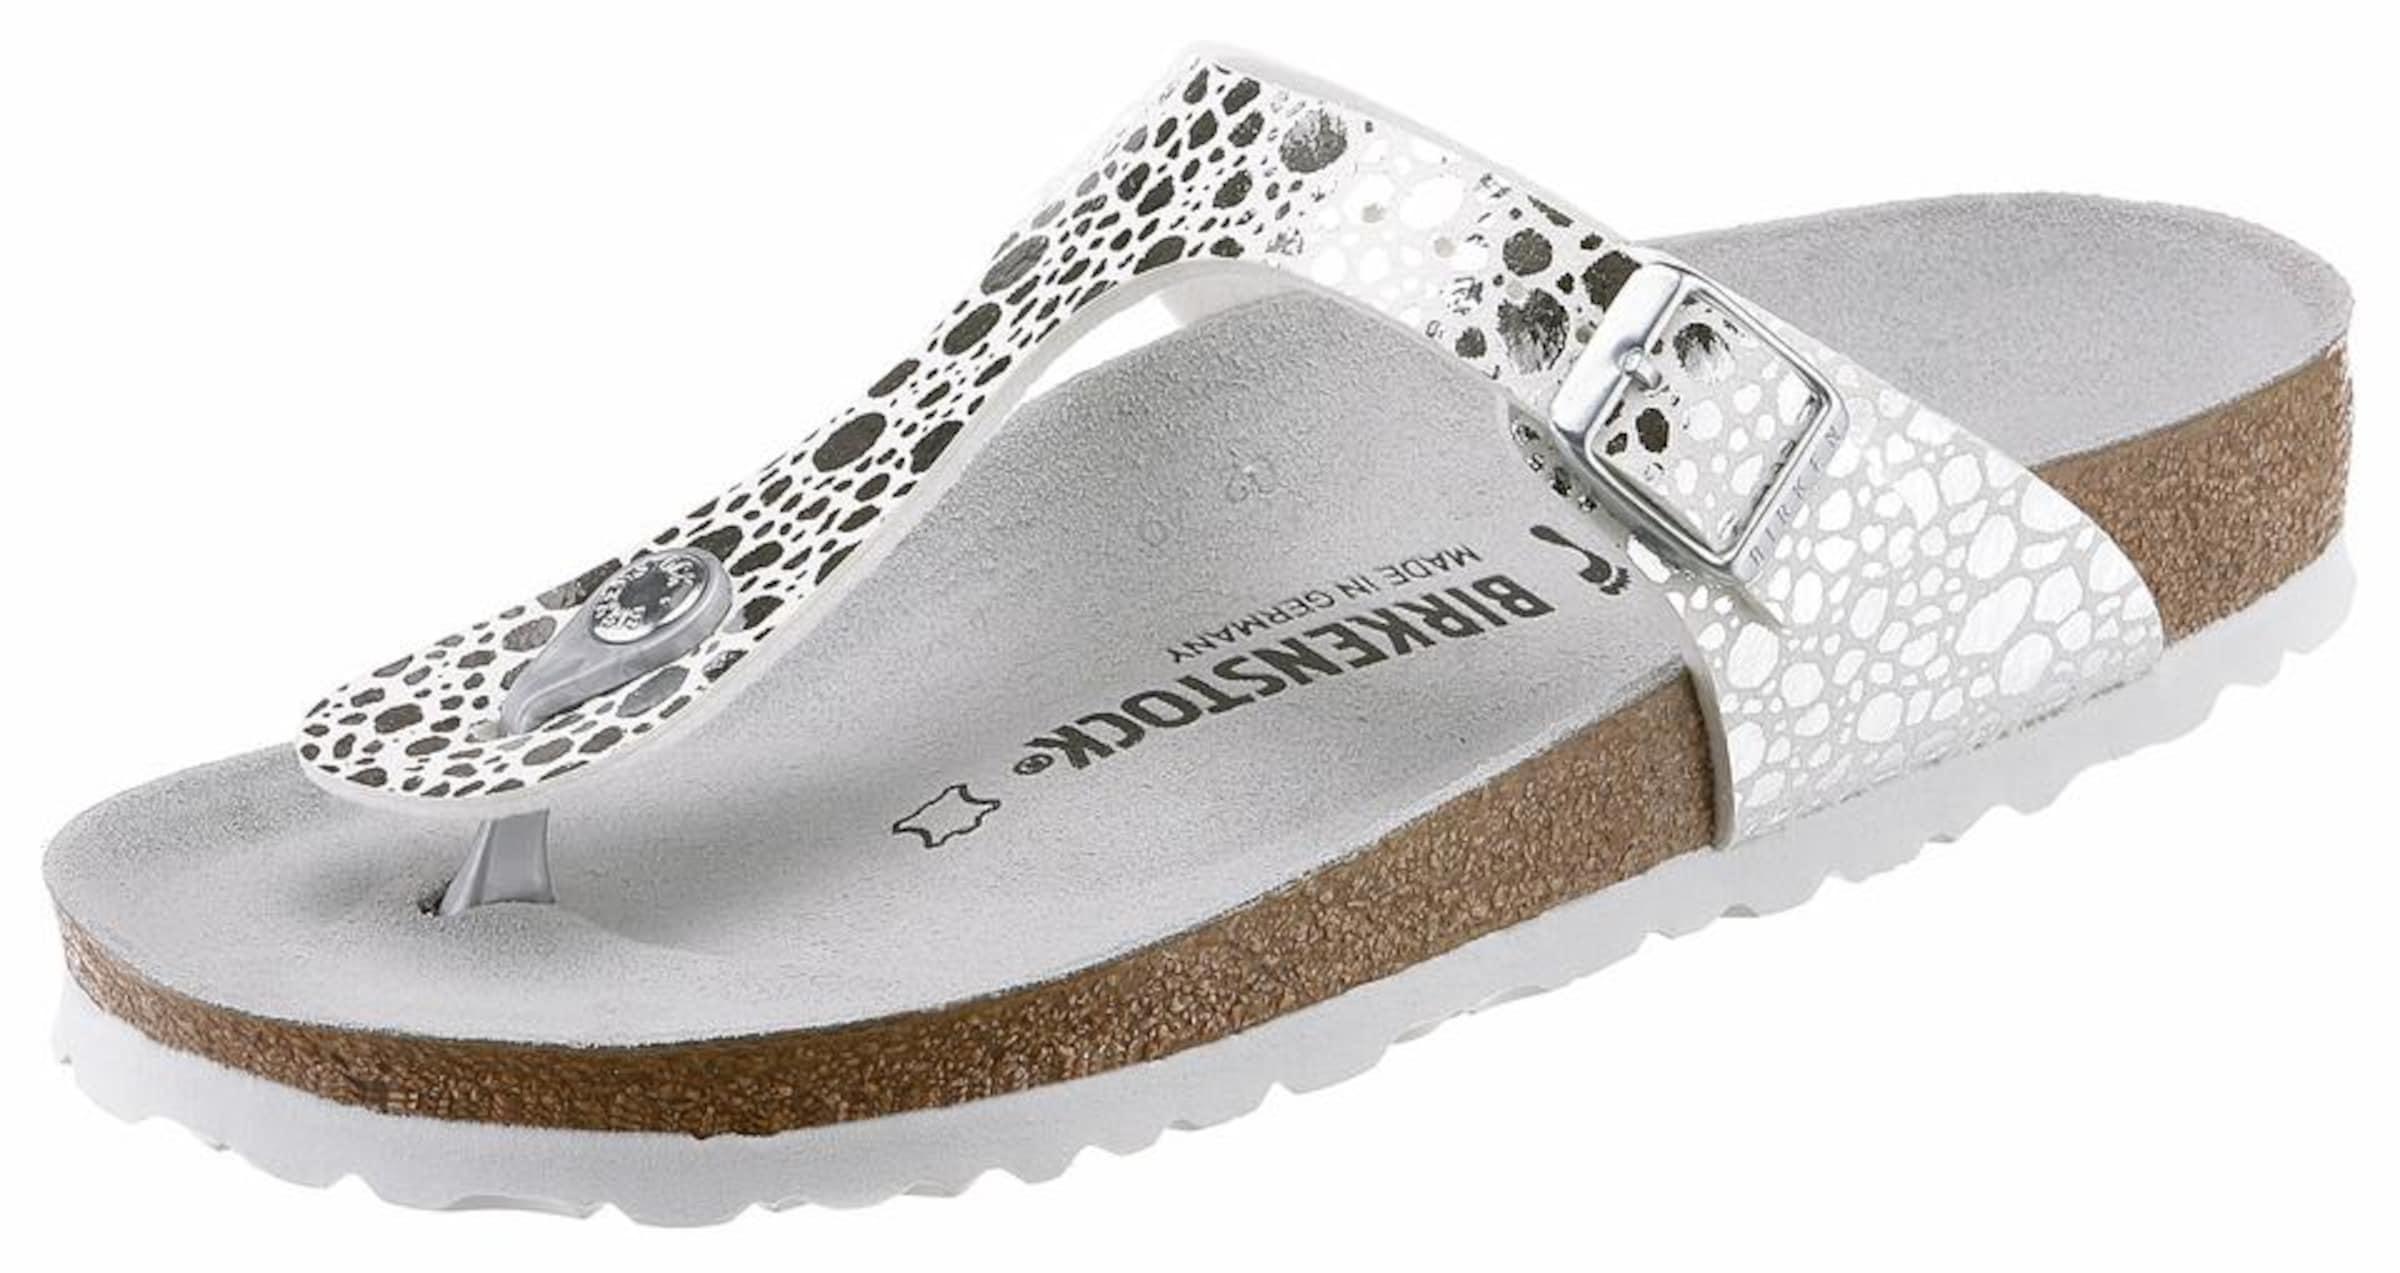 BIRKENSTOCK Zehentrenner Gizeh Verschleißfeste billige Schuhe